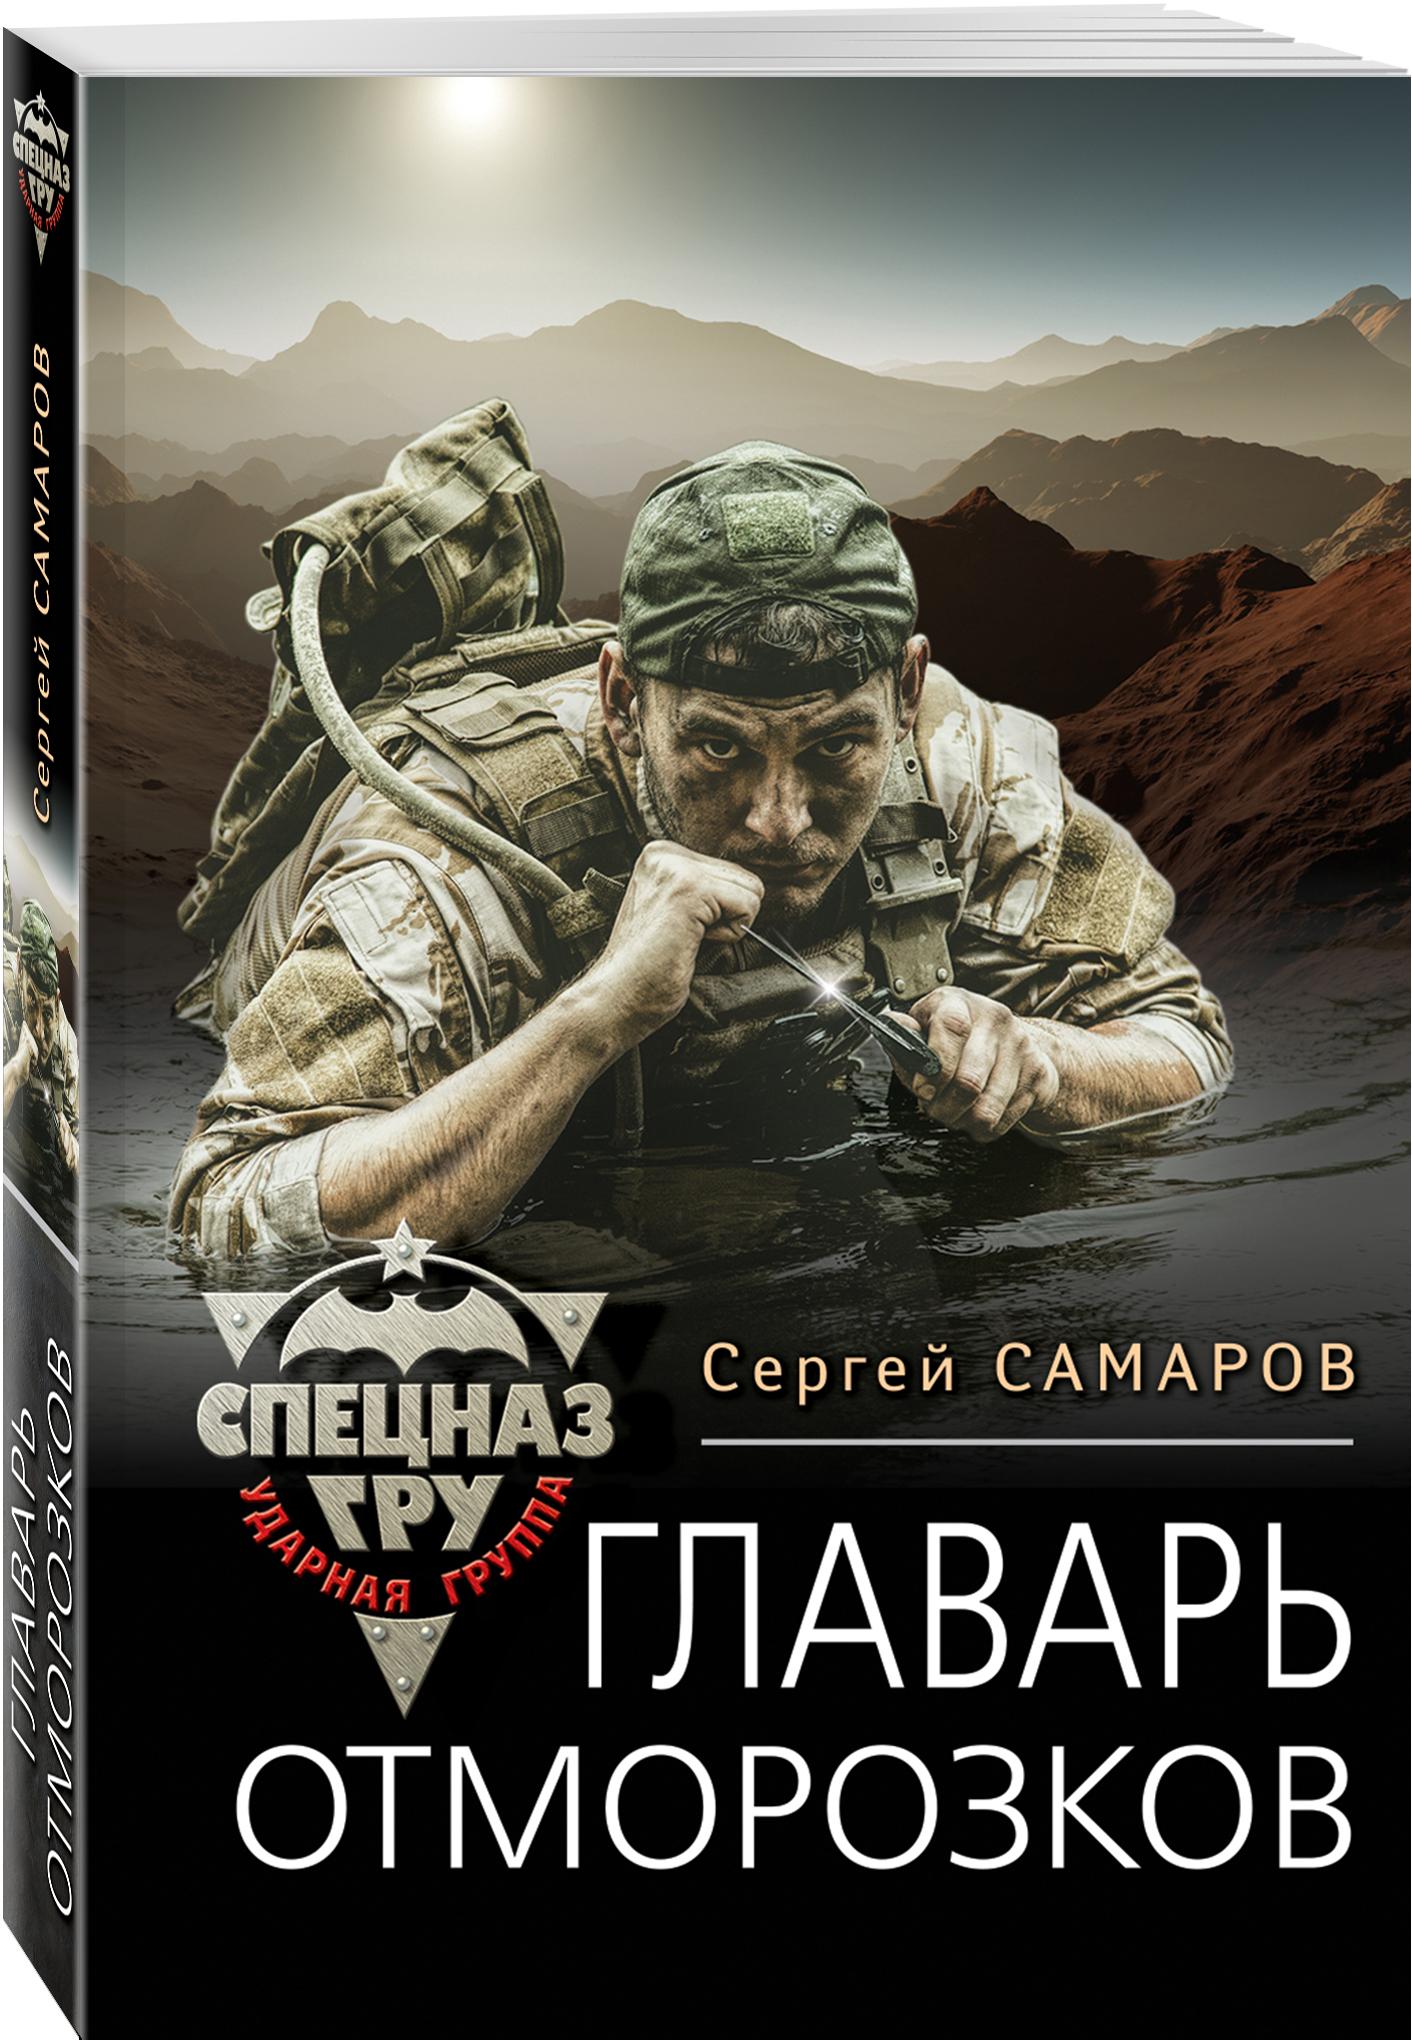 Сергей Самаров Главарь отморозков